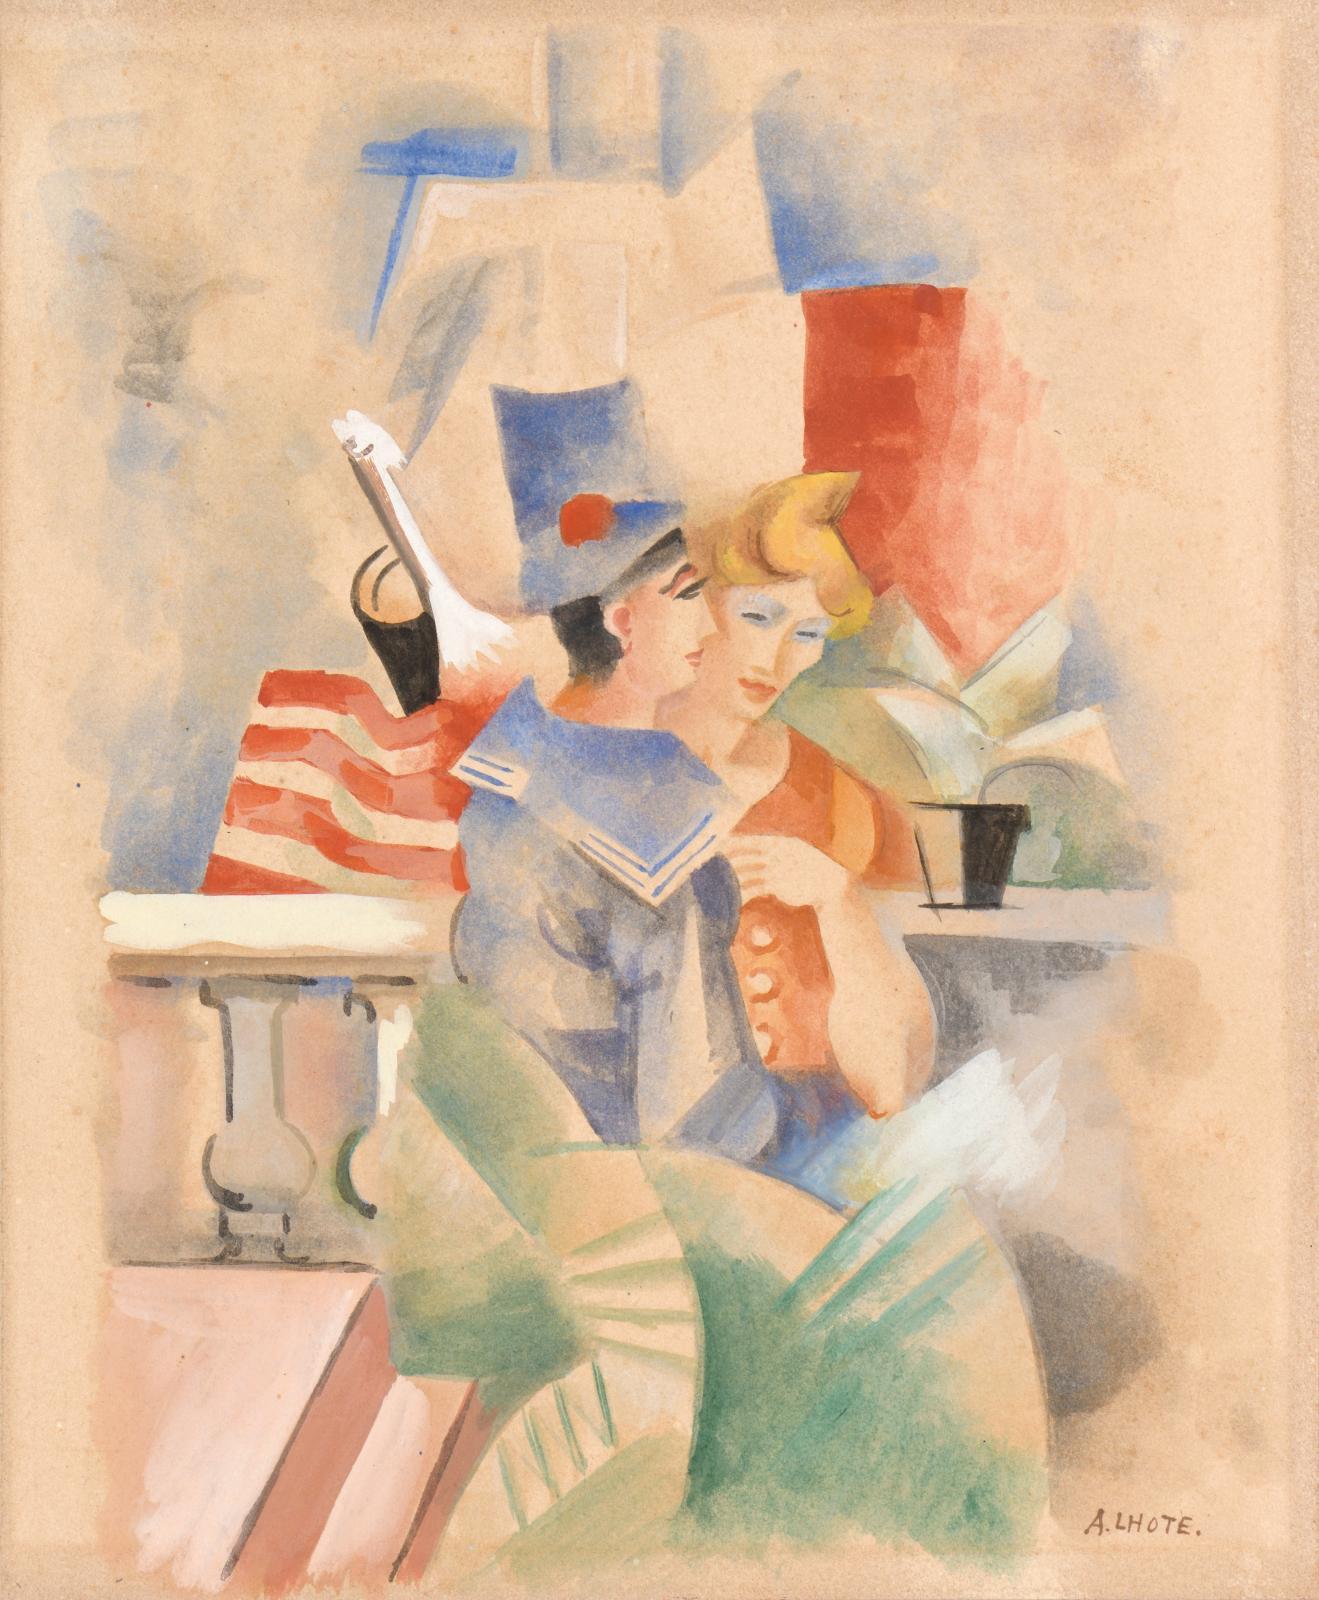 André Lhote (1885-1962), Illustration pour Chanson de bord, aquarelle gouachée, 24,5x20,3cm. Estimation: 3000/4000€